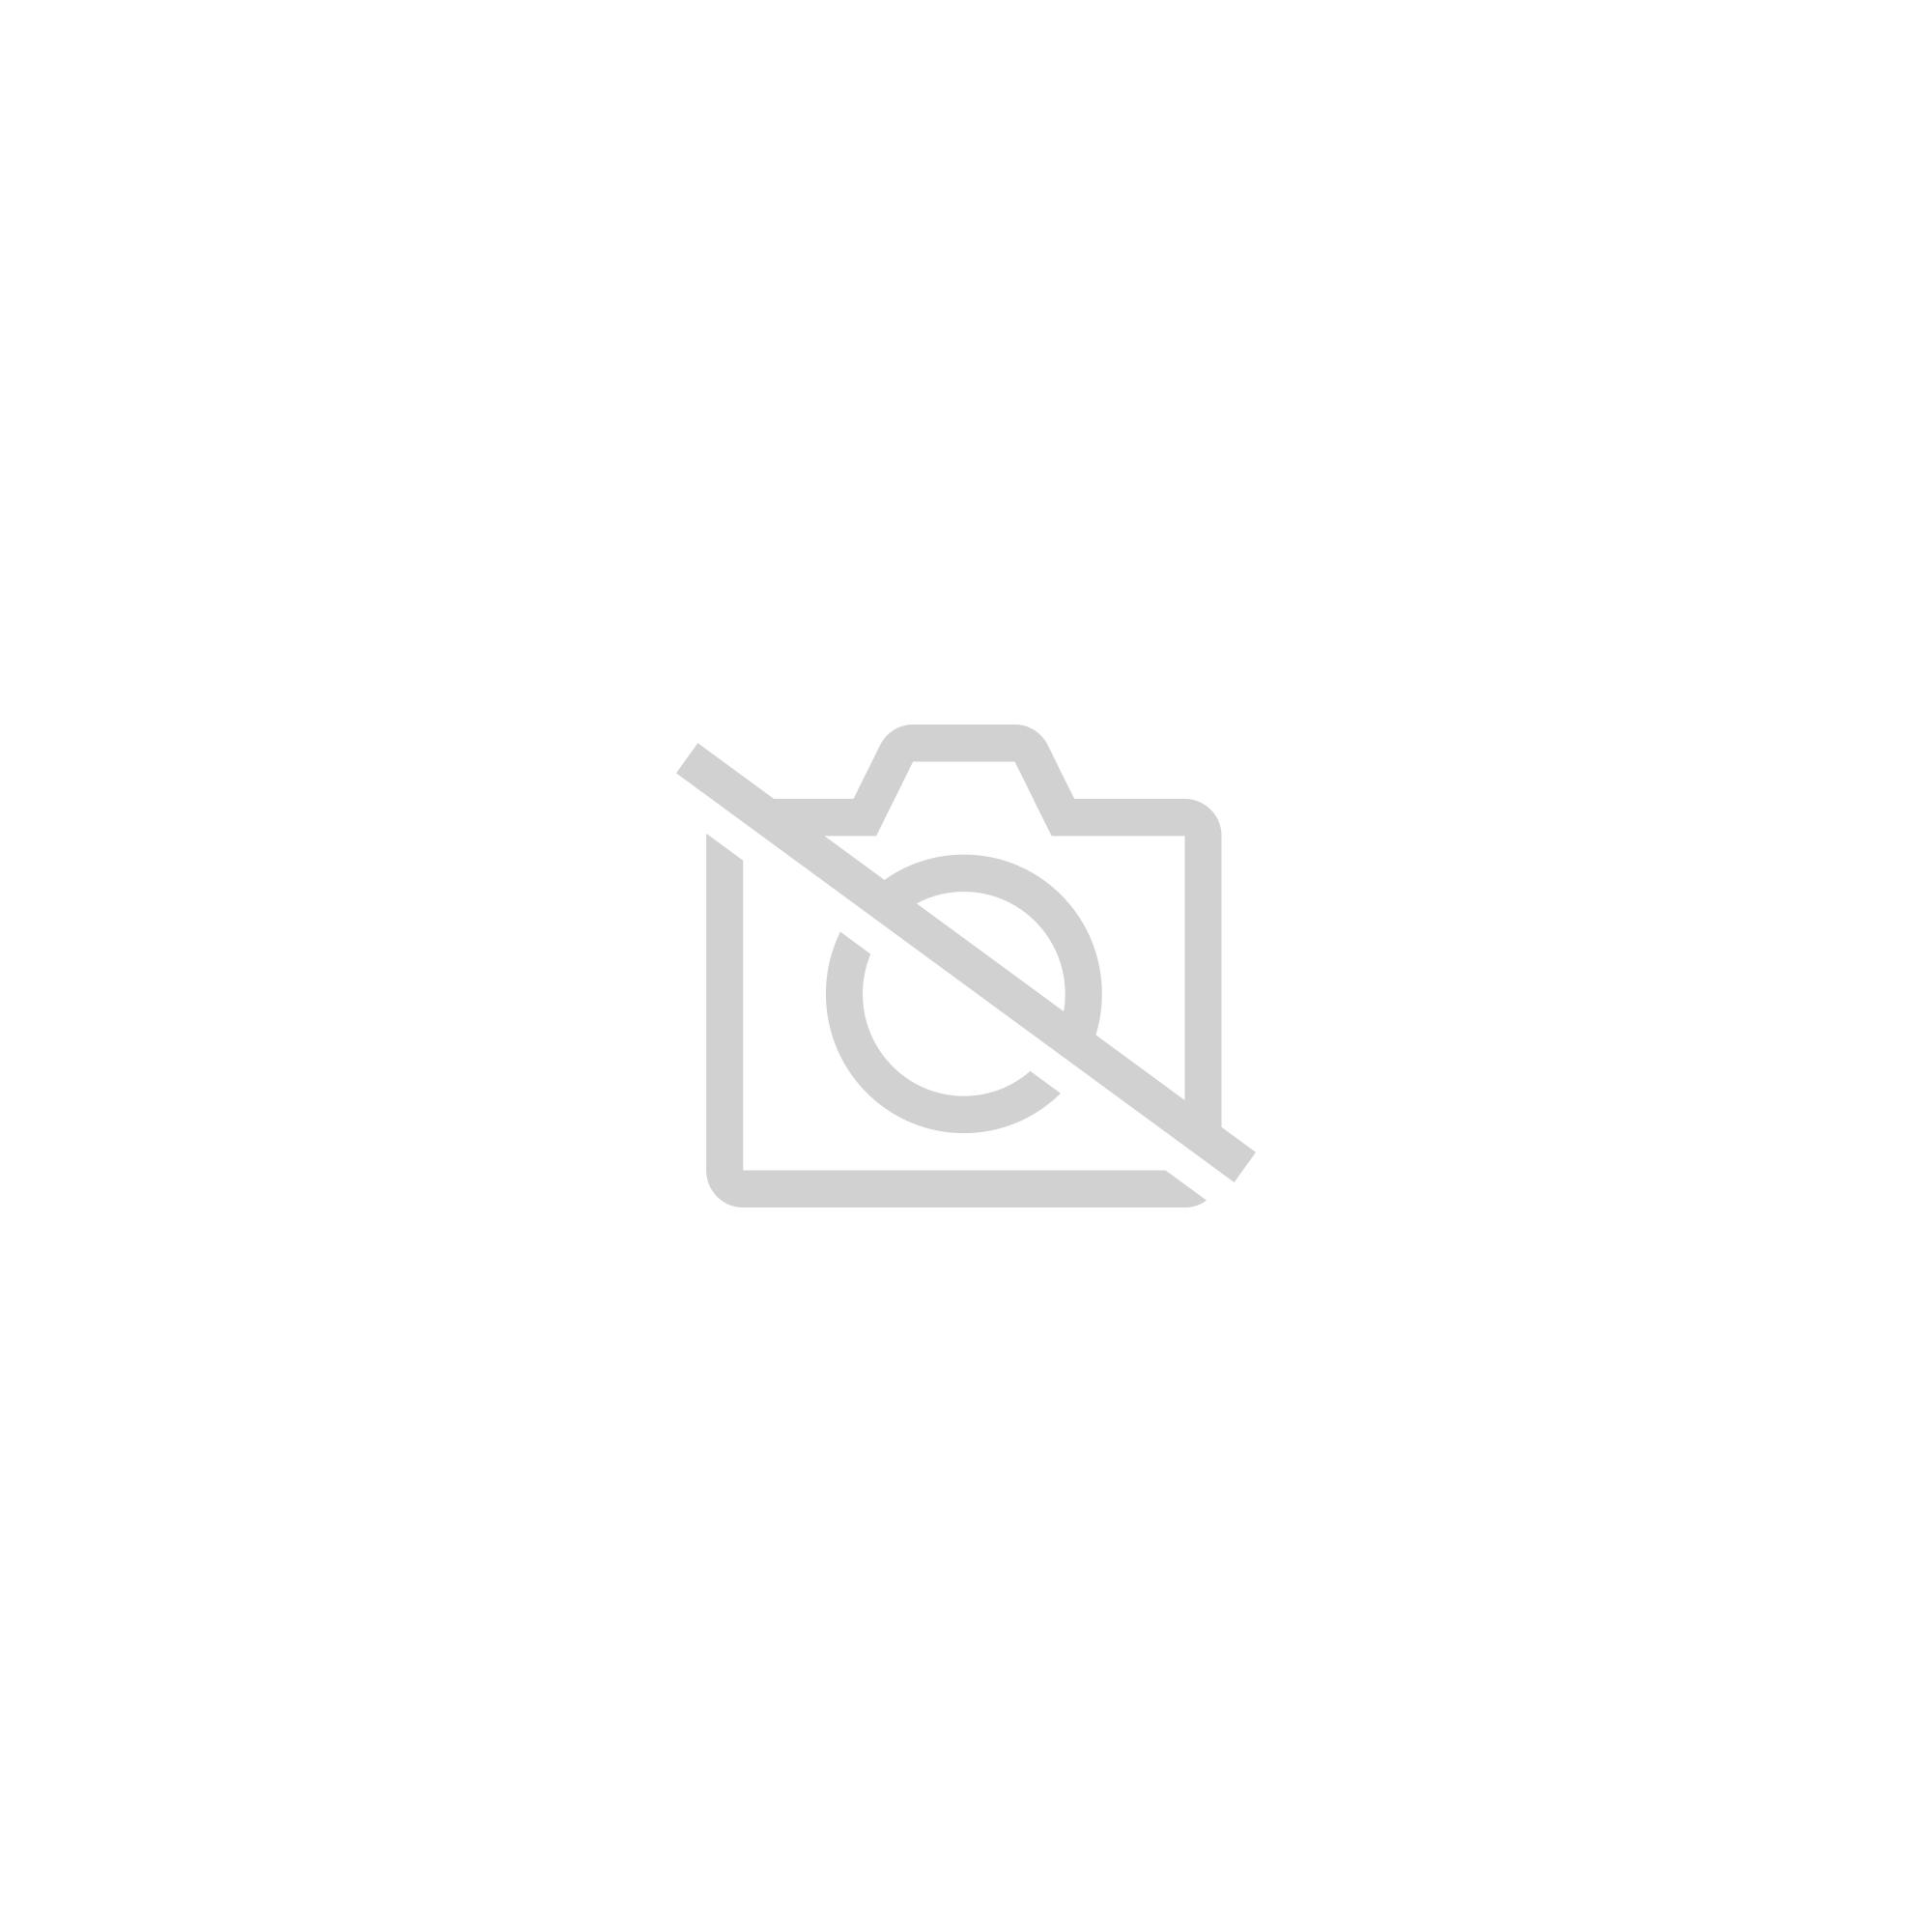 costume deguisement adulte homme annee 1970 pattes d 39 elephant combinaison avec chemise cousue. Black Bedroom Furniture Sets. Home Design Ideas